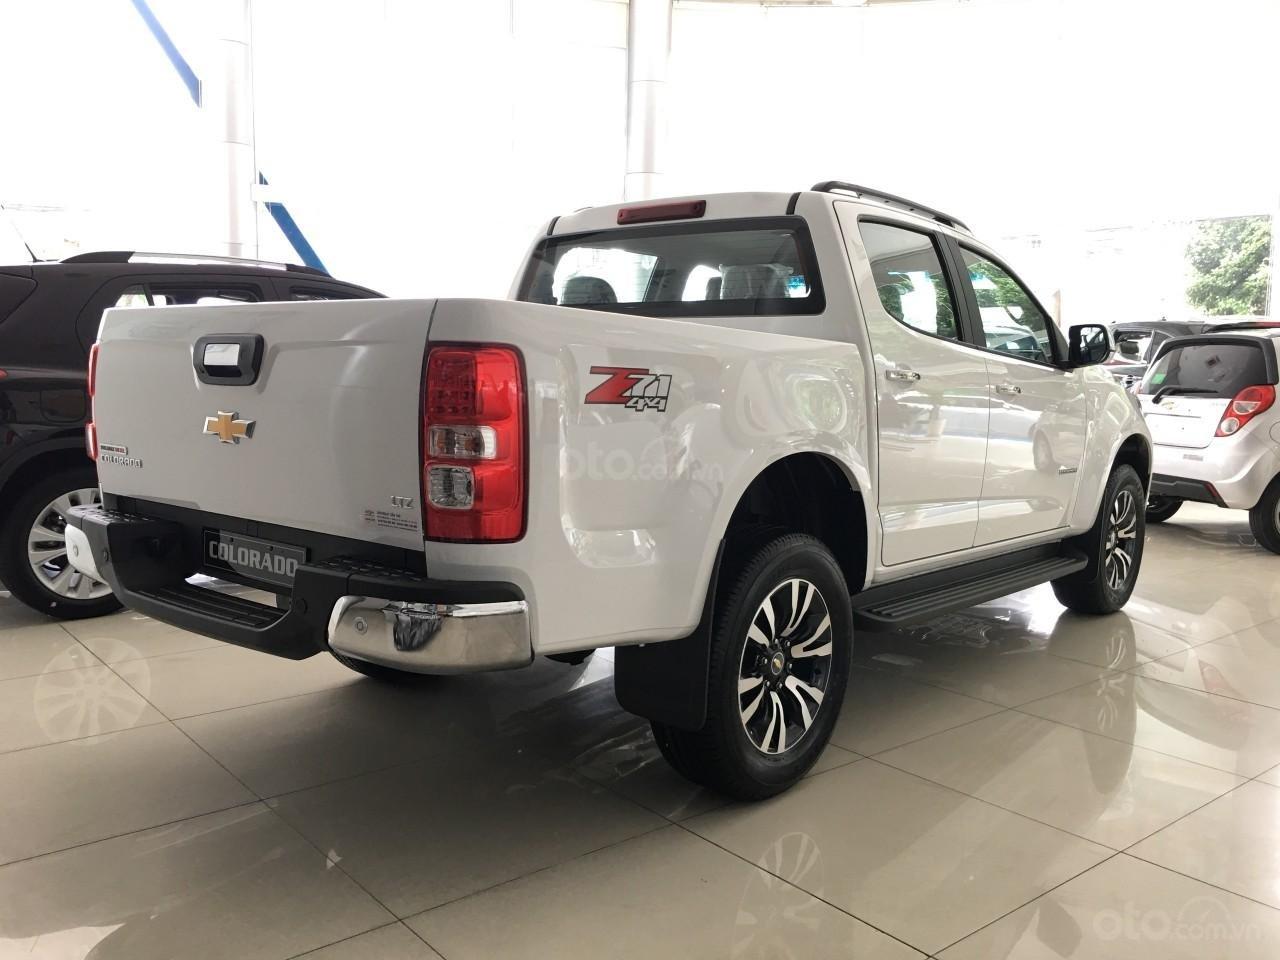 Xe bán tải Chevrolet Colorado LTZ MY19, màu trắng, xe nhập, giao ngay, ưu đãi sốc tháng 11, LH 0962.951.192 (4)